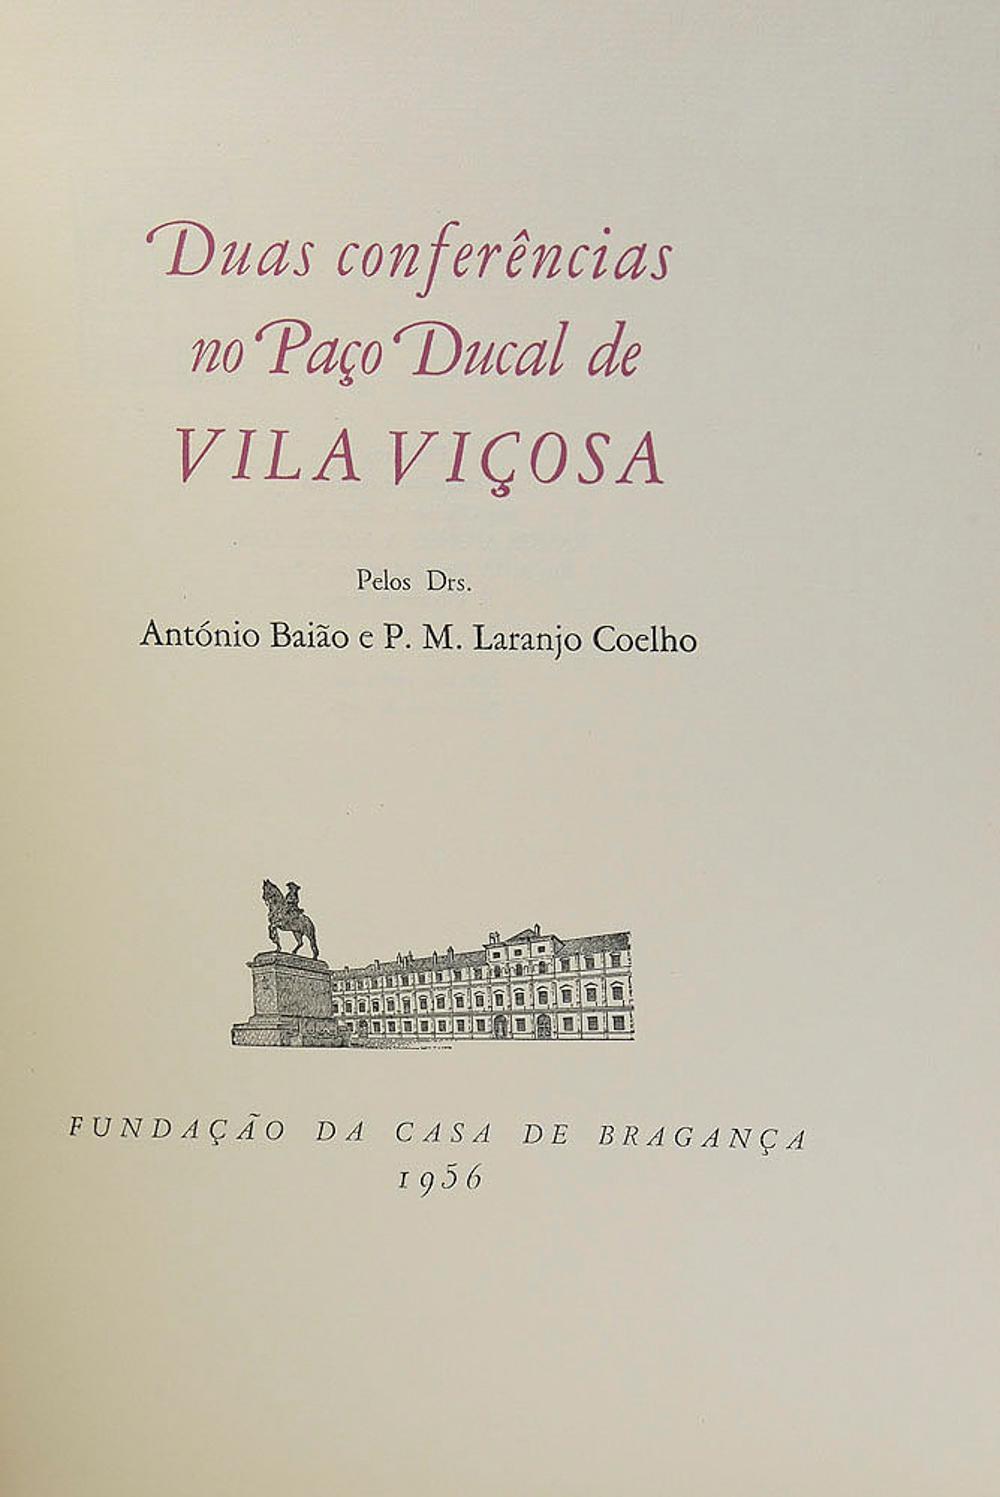 BAIÃO. DUAS CONFERÊNCIAS NO PAÇO DUCAL, 1 vol. br.